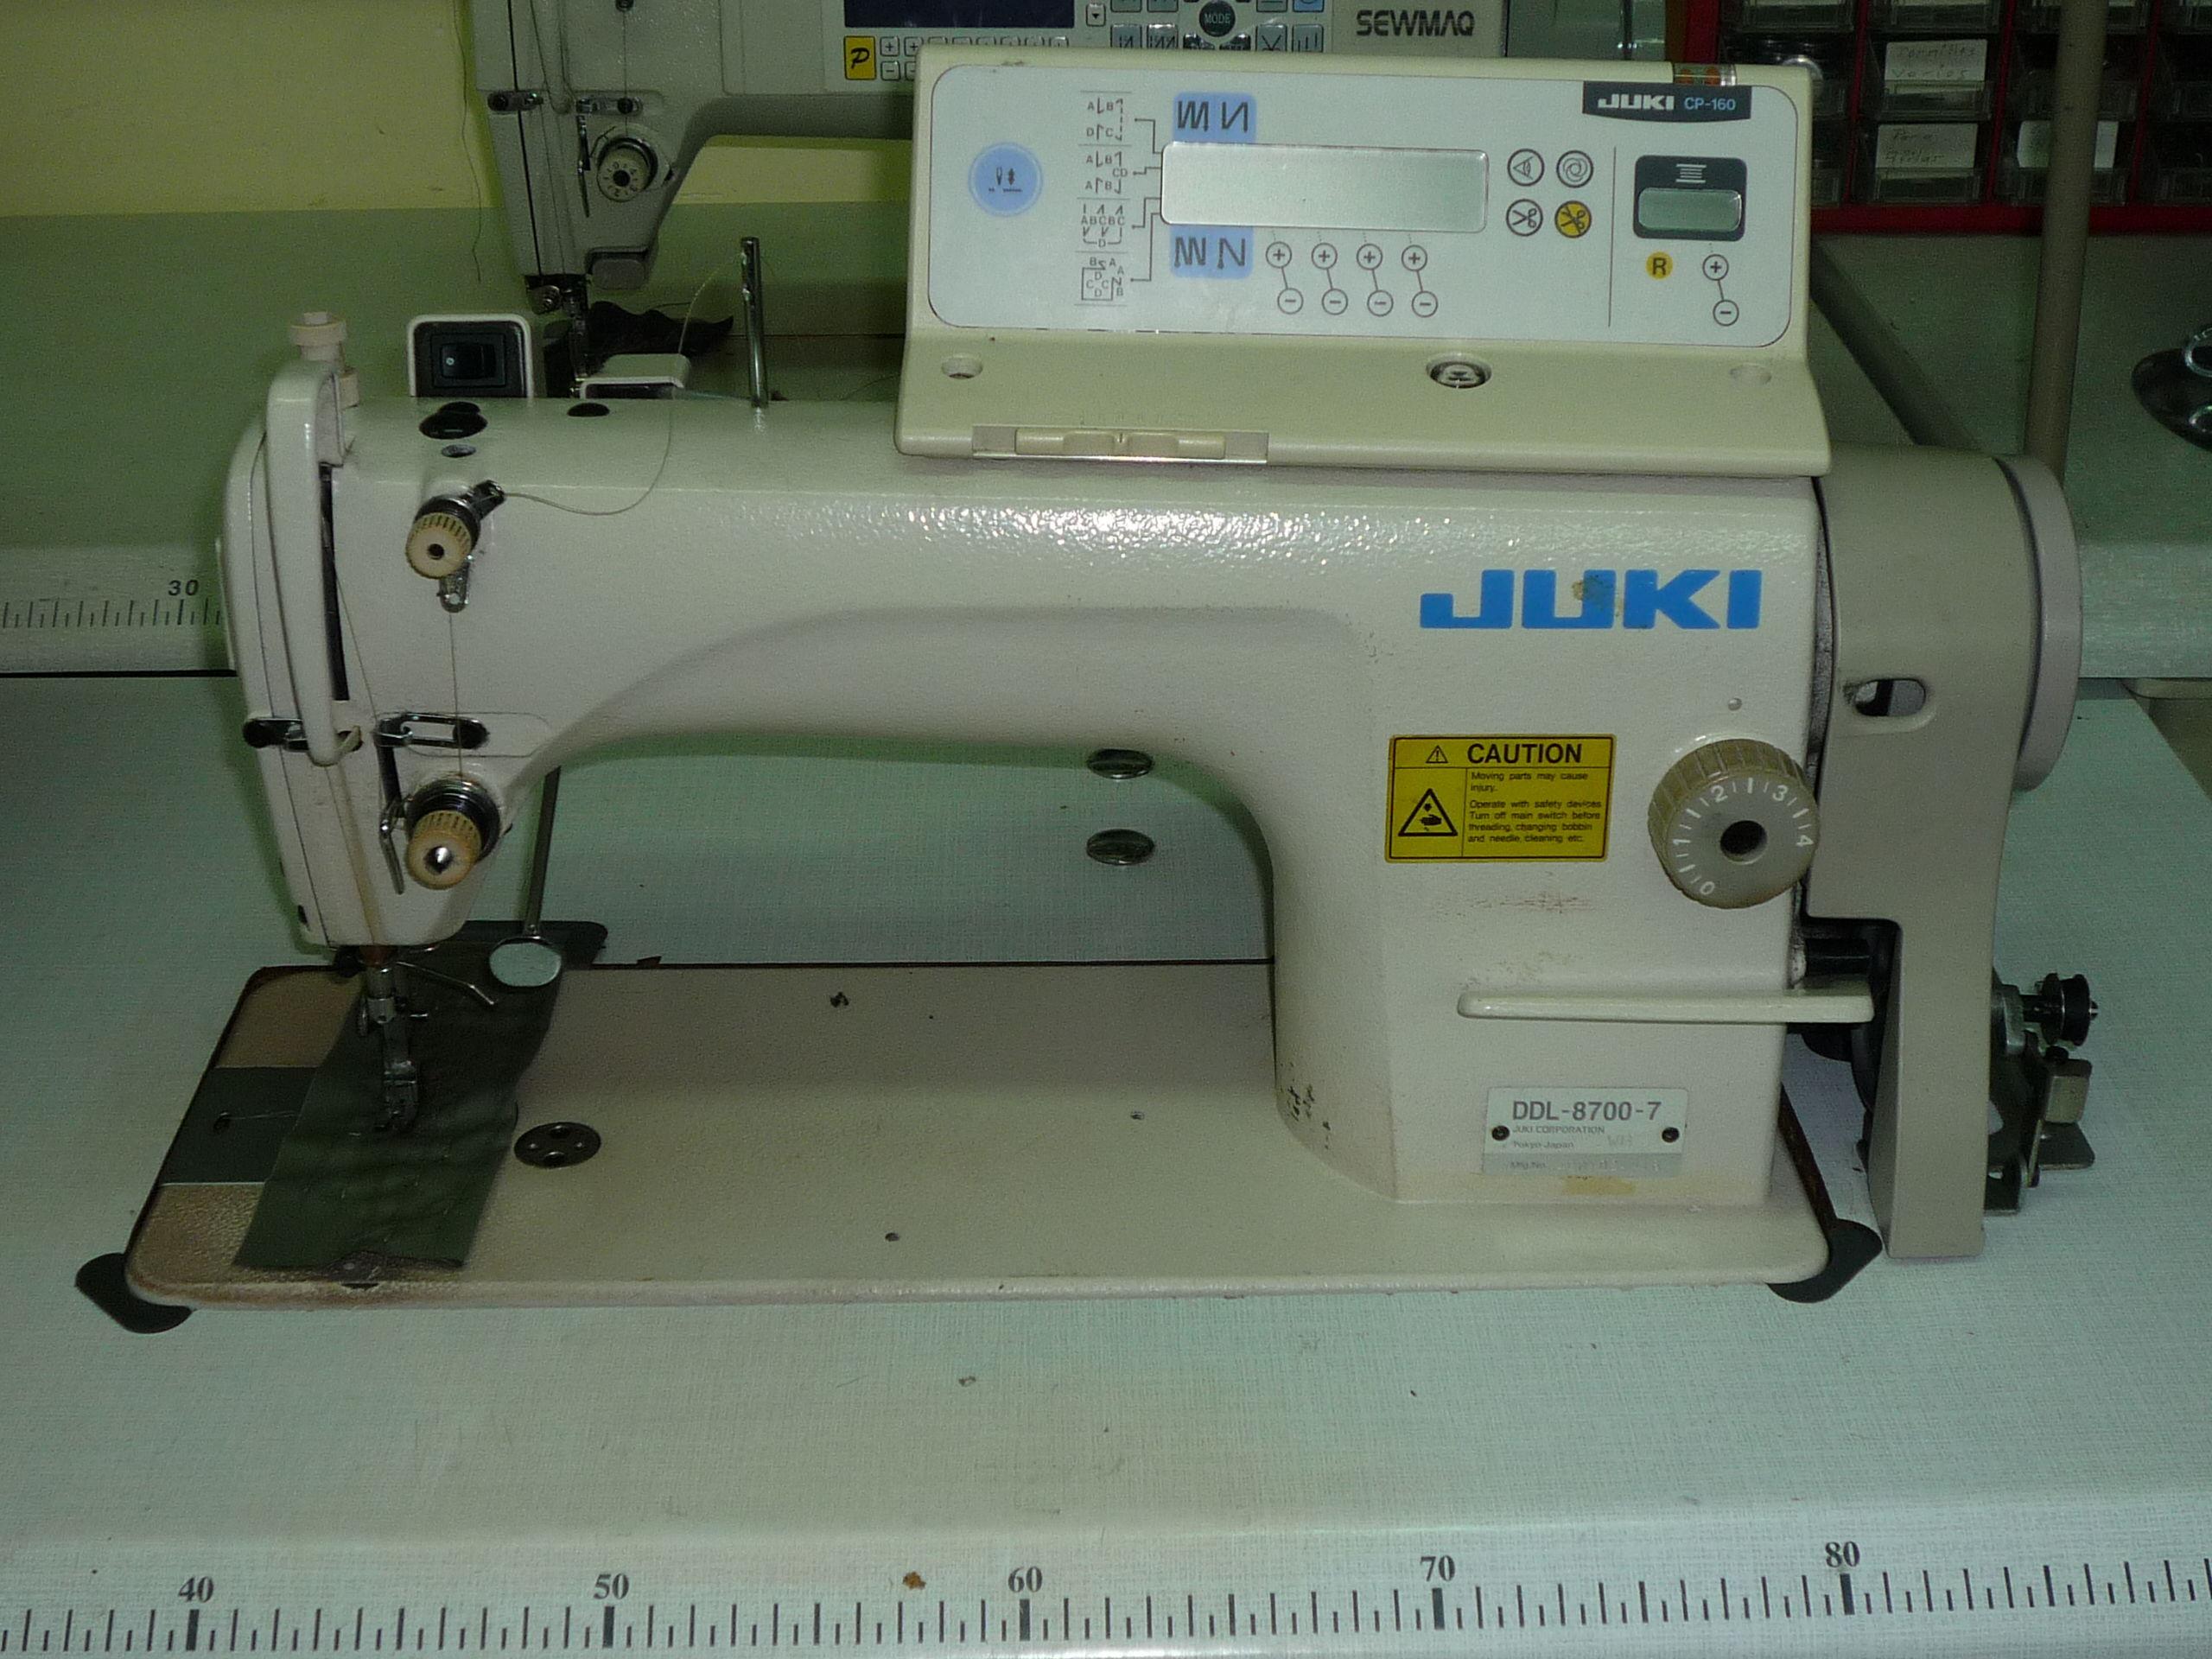 Venta Máquina de coser JUKI Mod.8700, Barcelona